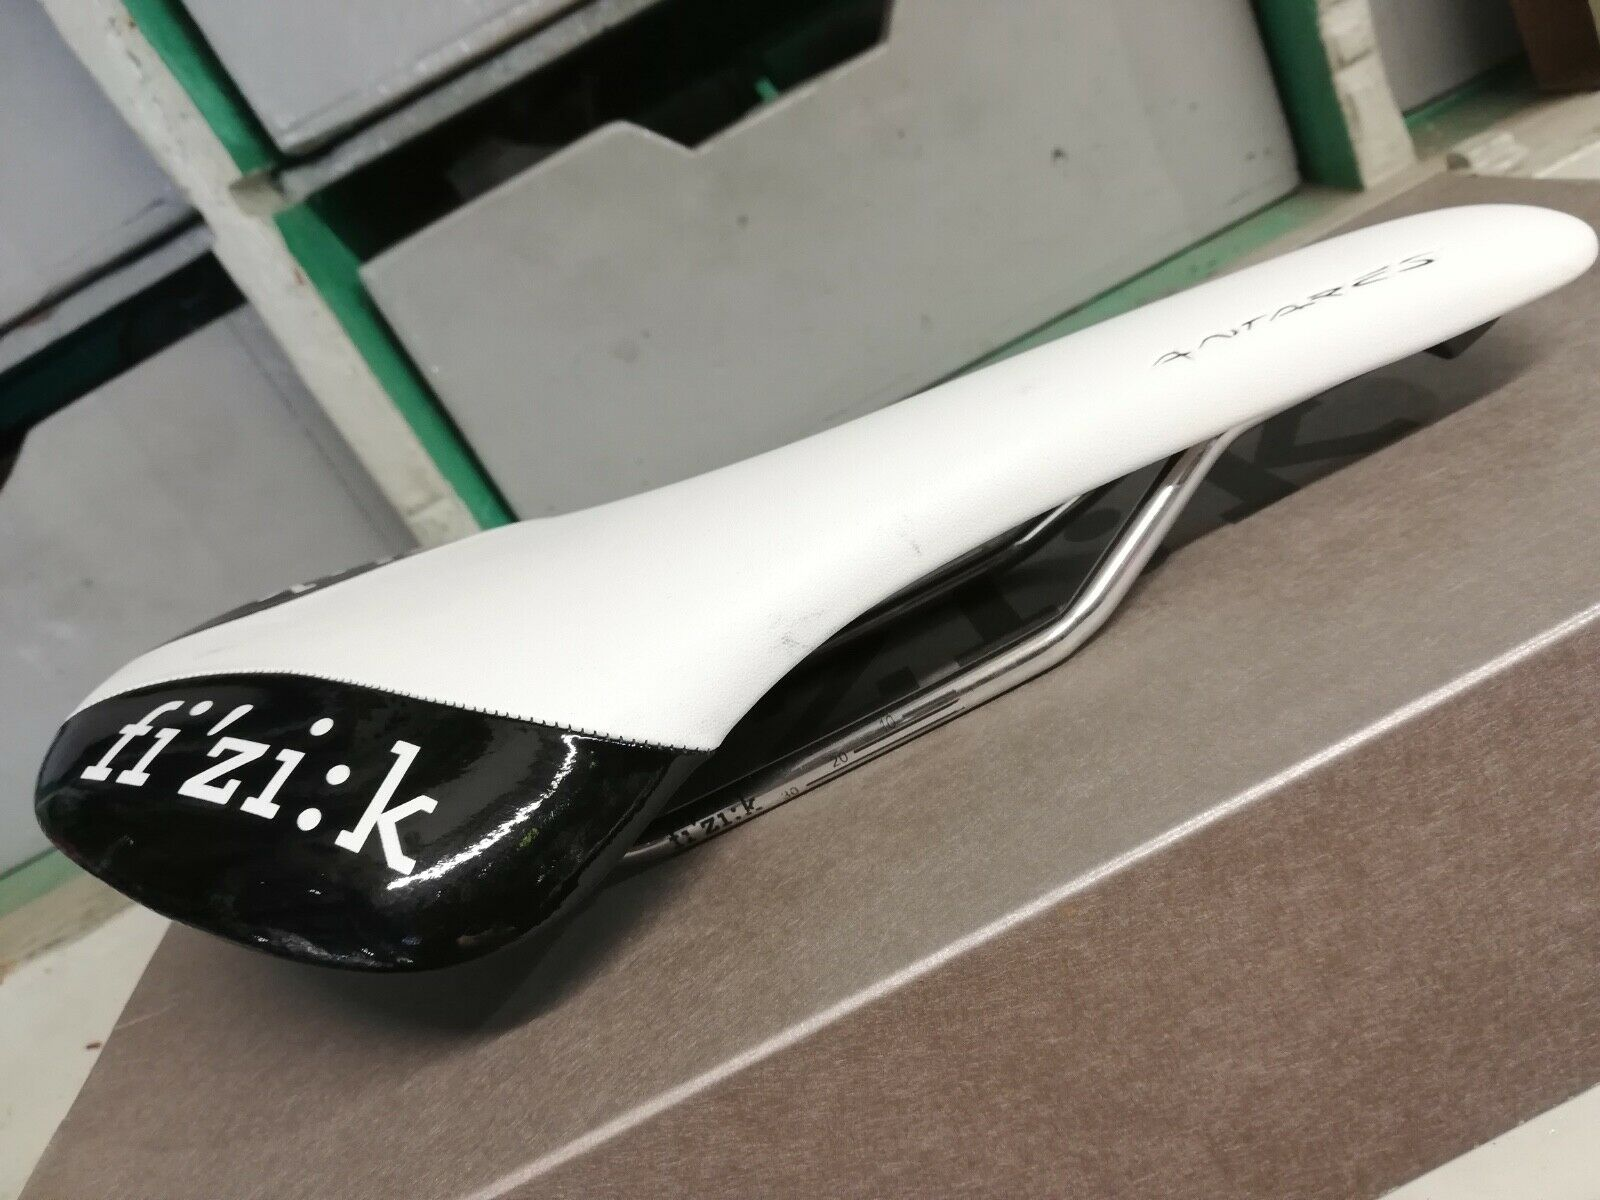 Fizik Antares road bike saddle, K ium rail, 190 gr, blancoo negro